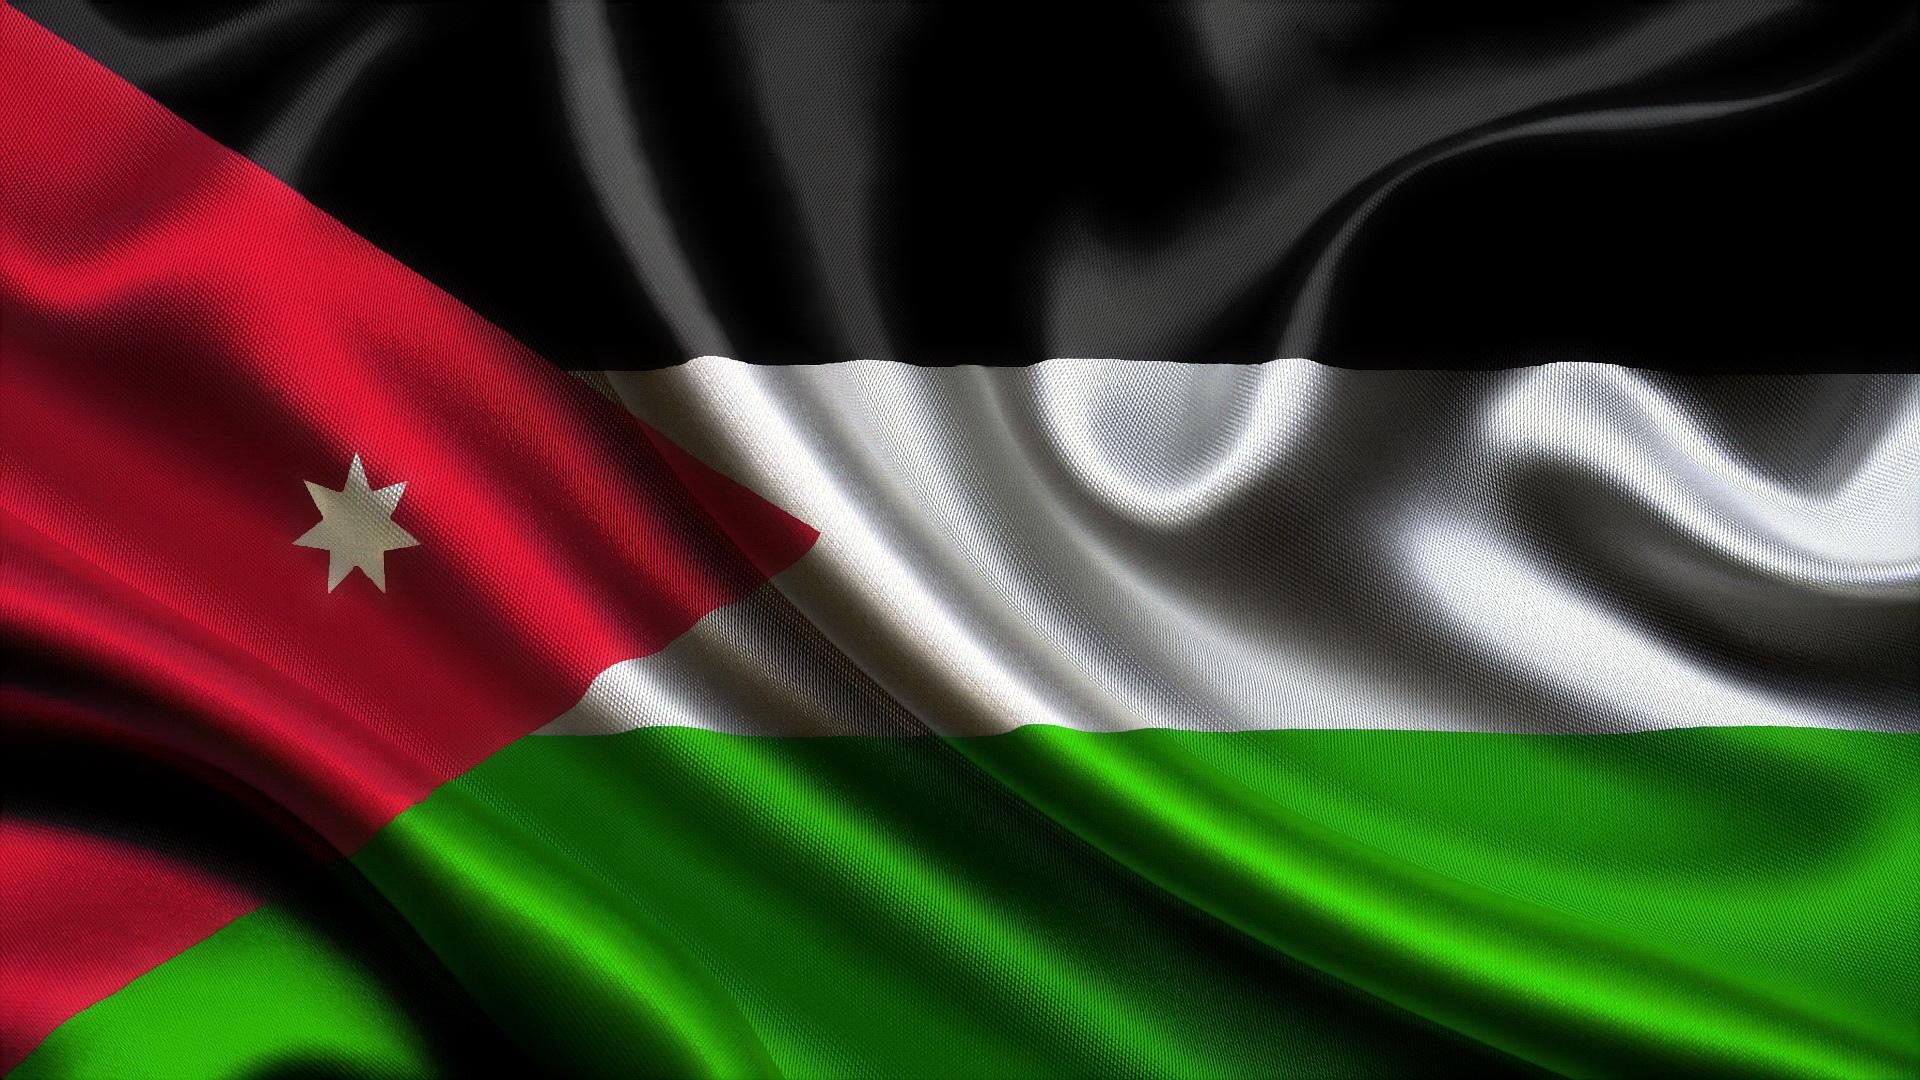 Флаг,Иордании, Иорданский флаг, флаг Иорданского Хашимитского Королевства,flag of Jordan